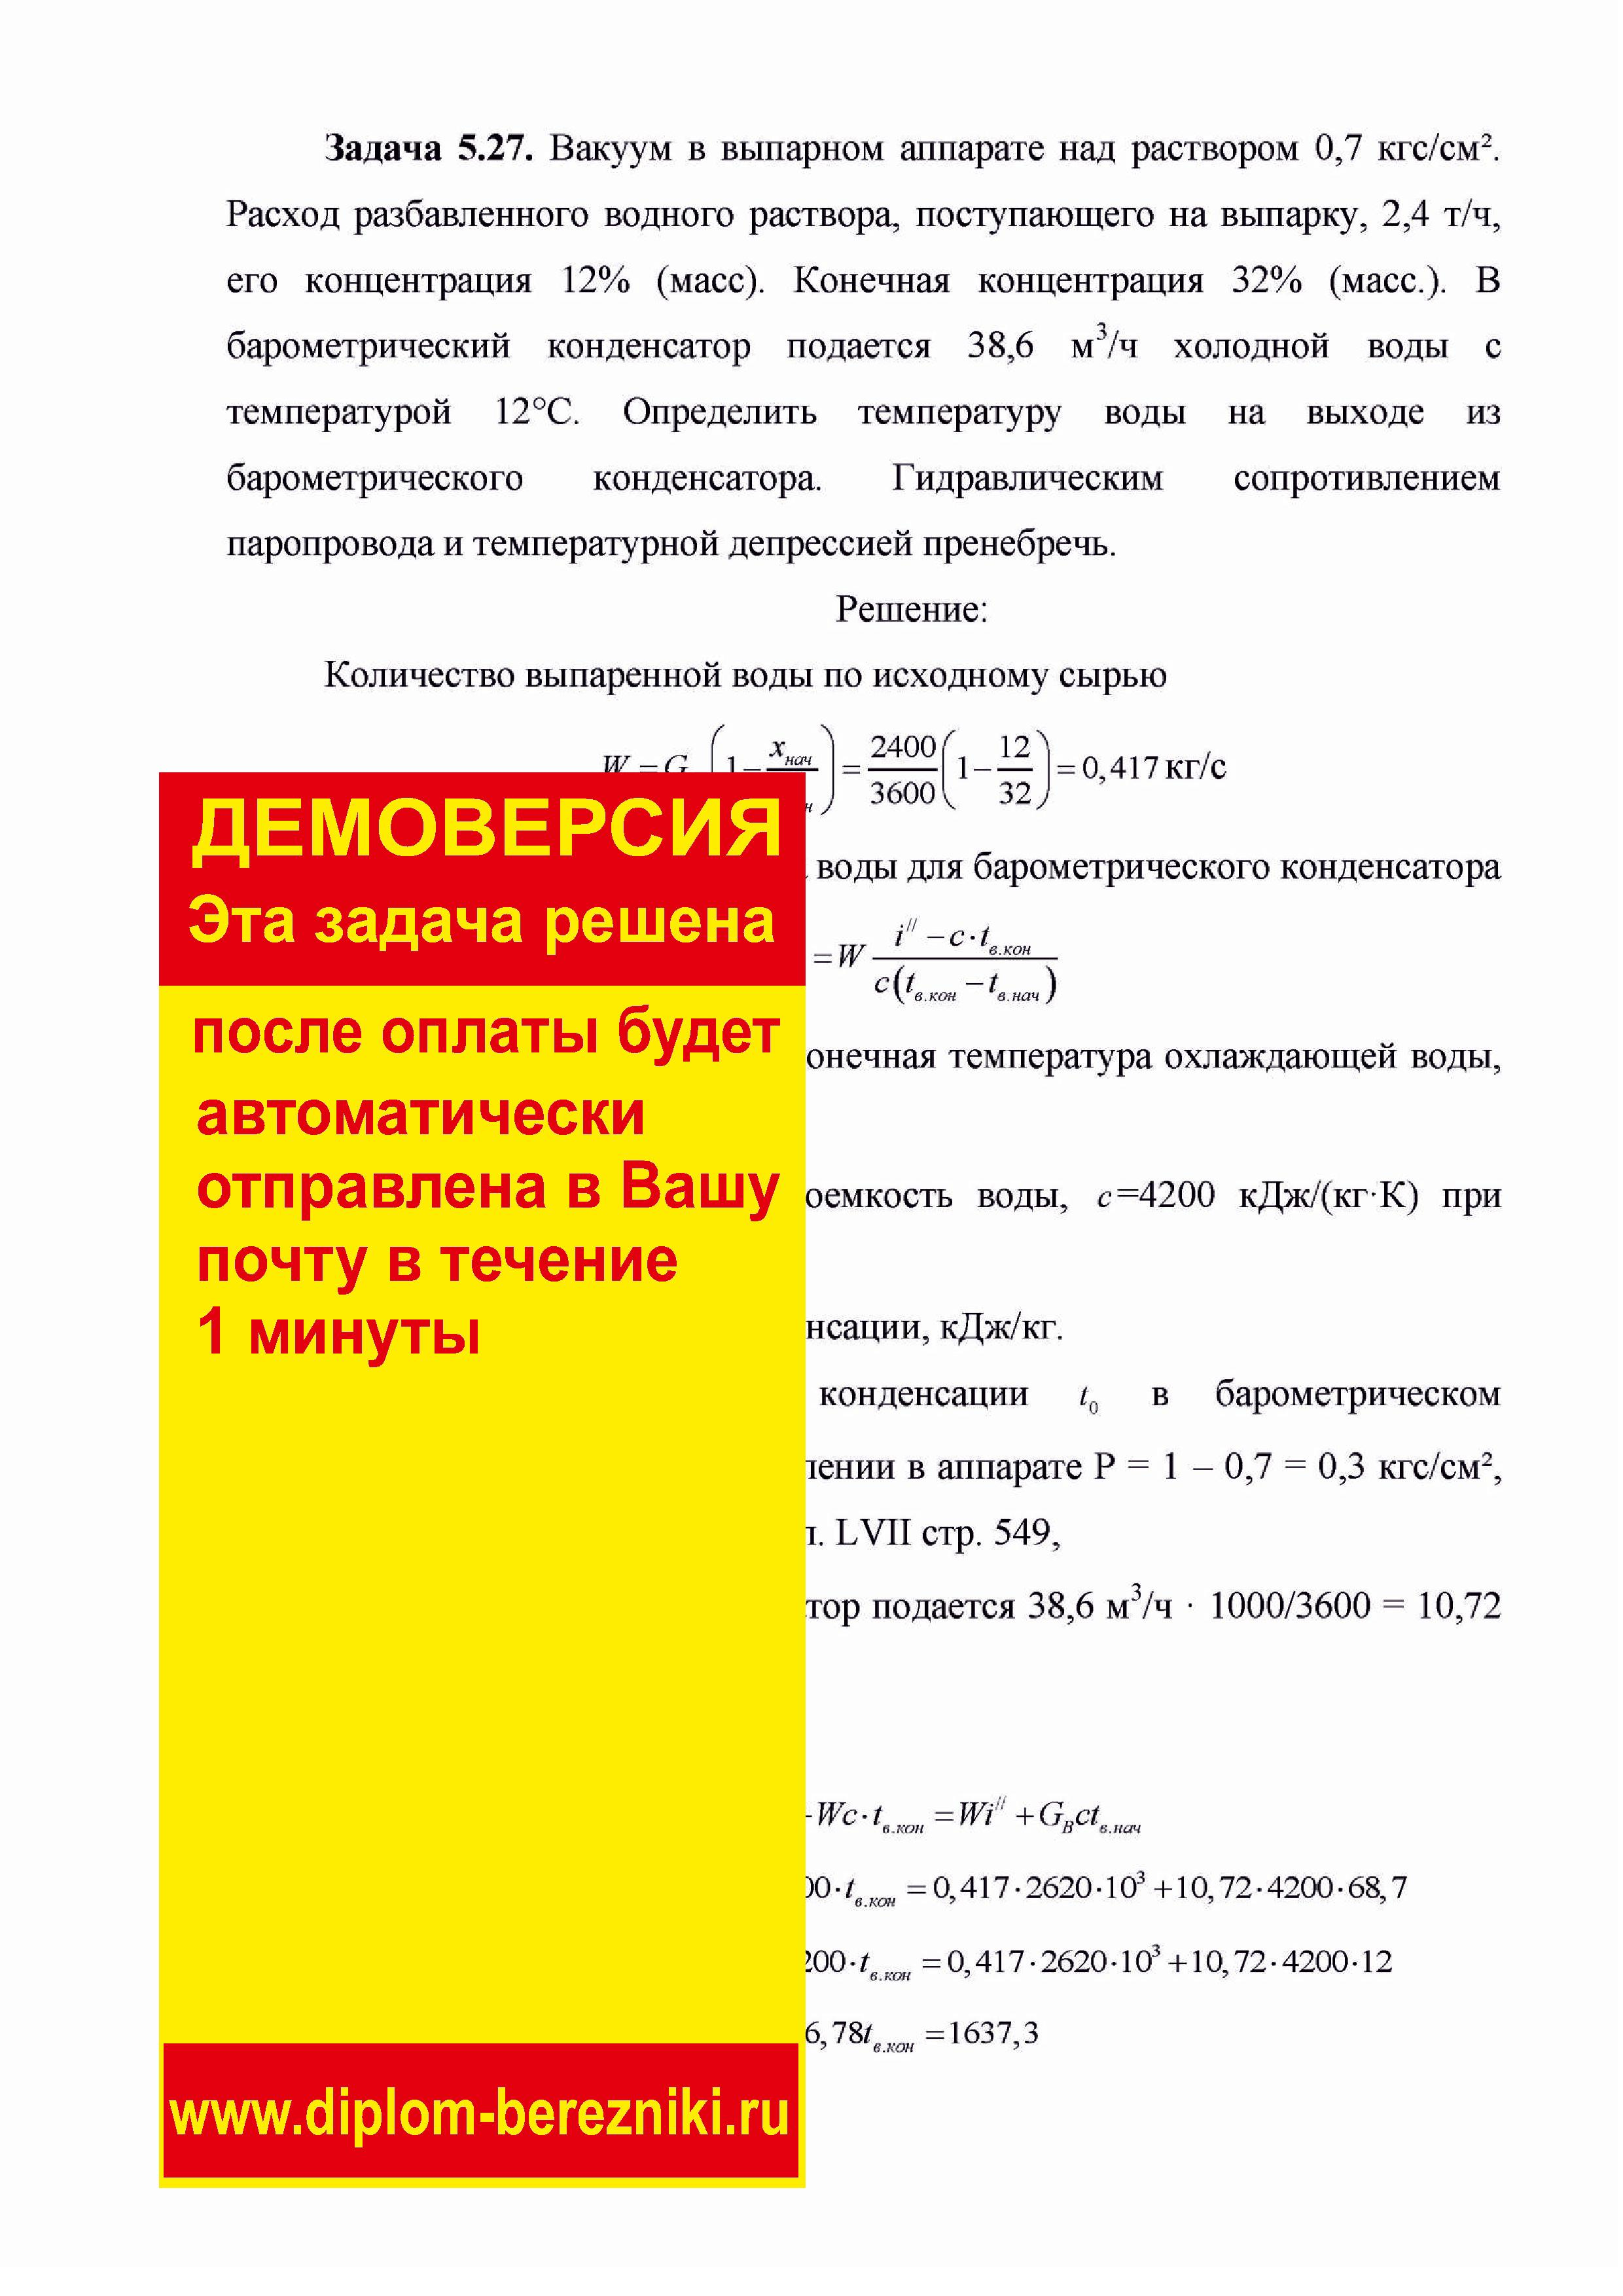 Решение задачи 5.27 по ПАХТ из задачника Павлова Романкова Носкова